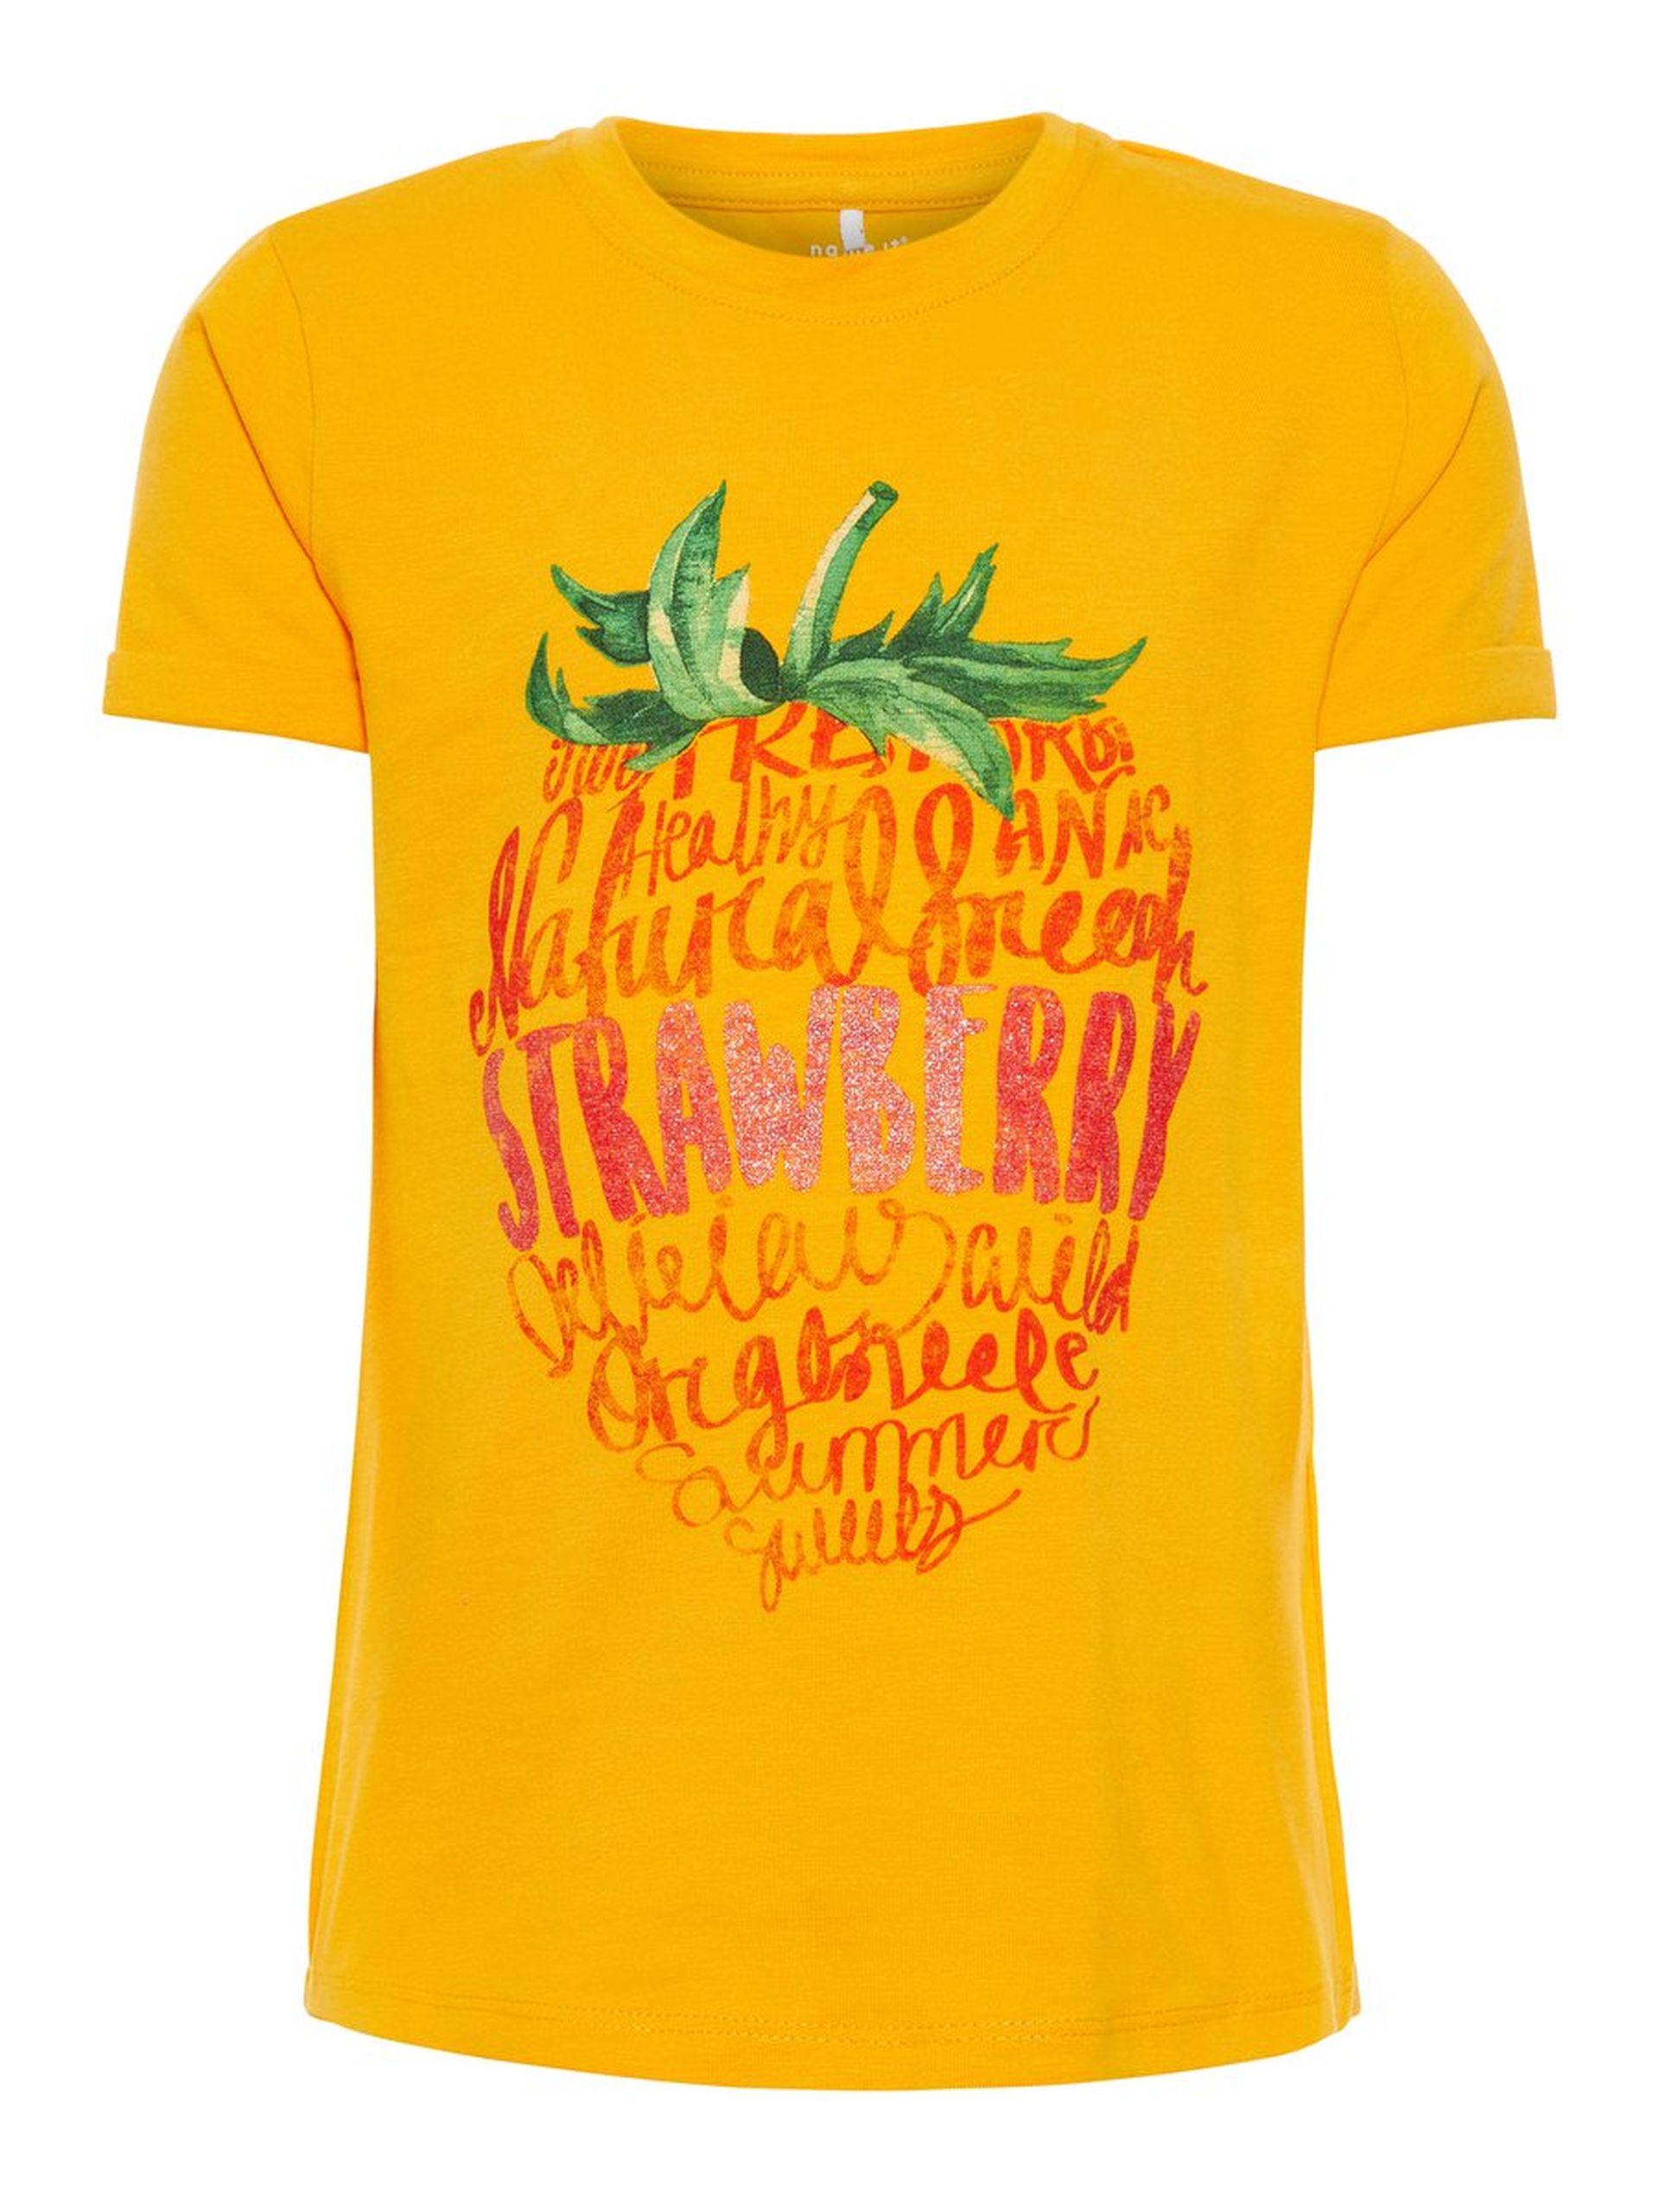 837f7a4b T-skjorte fra Name It. T-skjorte til jente. Gul t-skjorte til barn ...